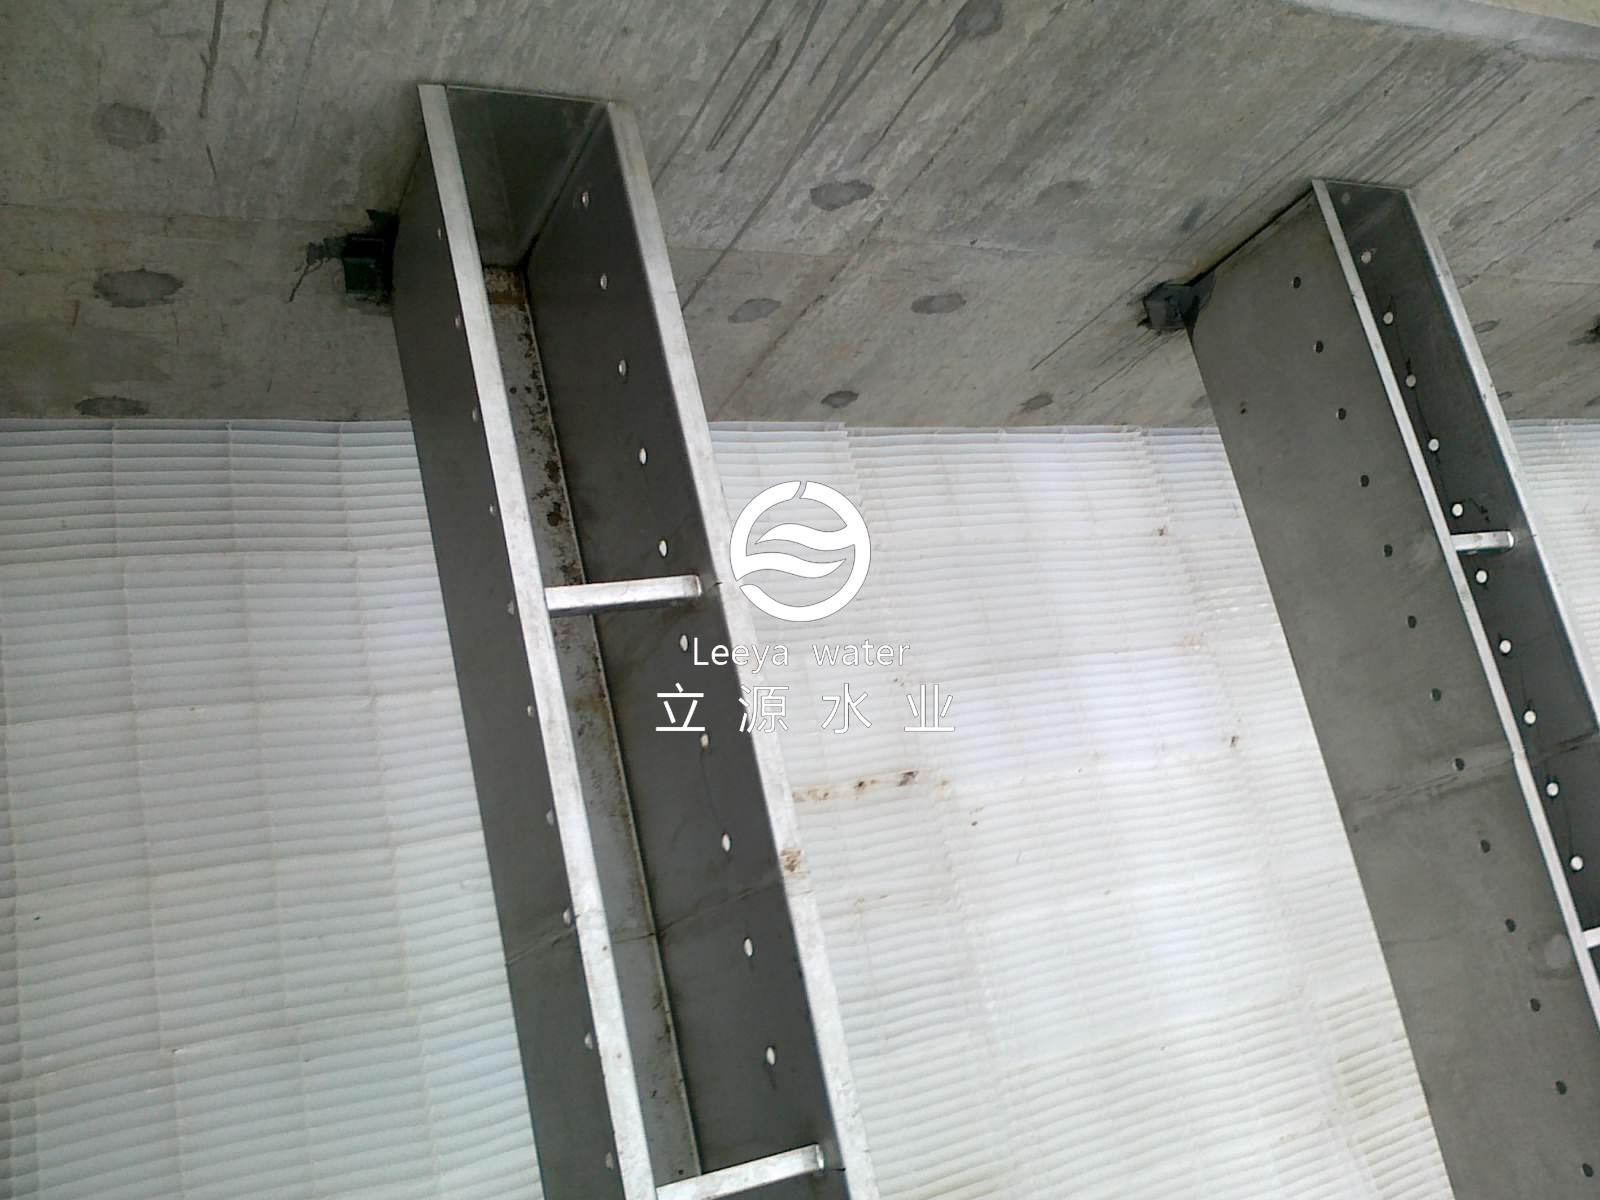 斜管斜板沉淀池填料安装后近距离特写照片